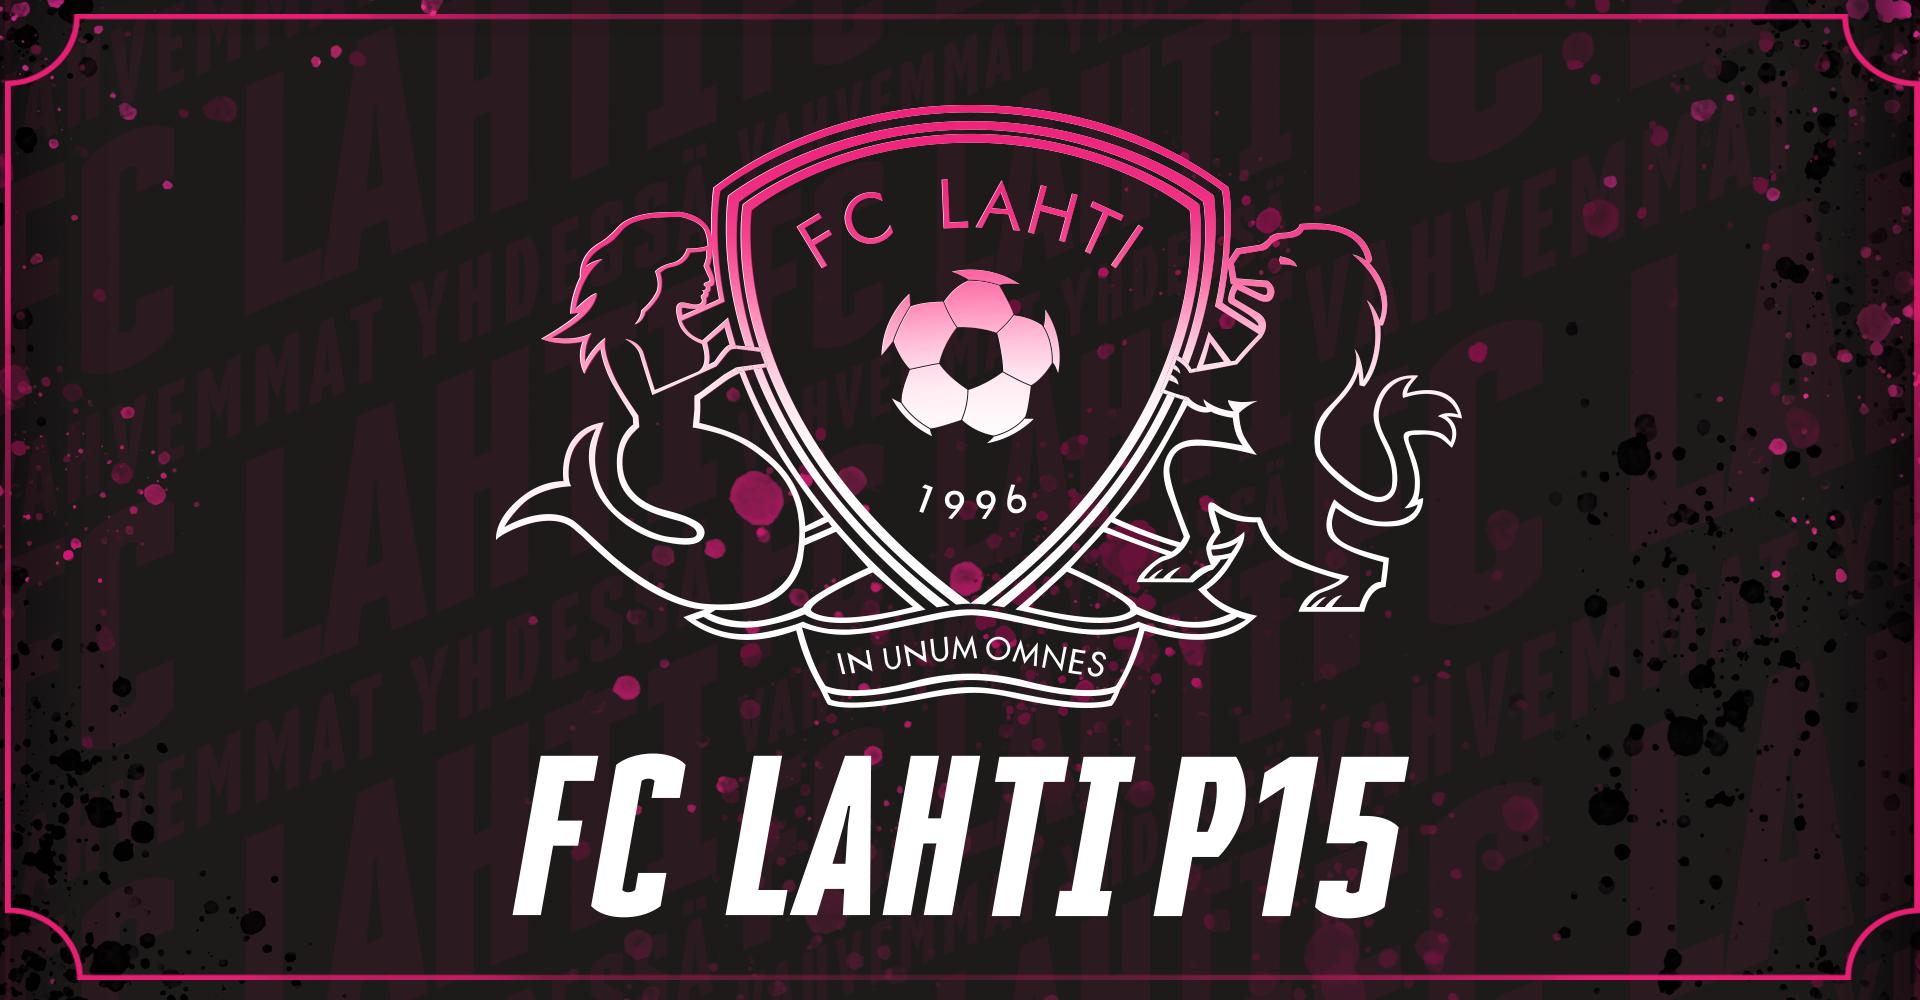 Tervetuloa FC Lahti P15 joukkueen sivuille